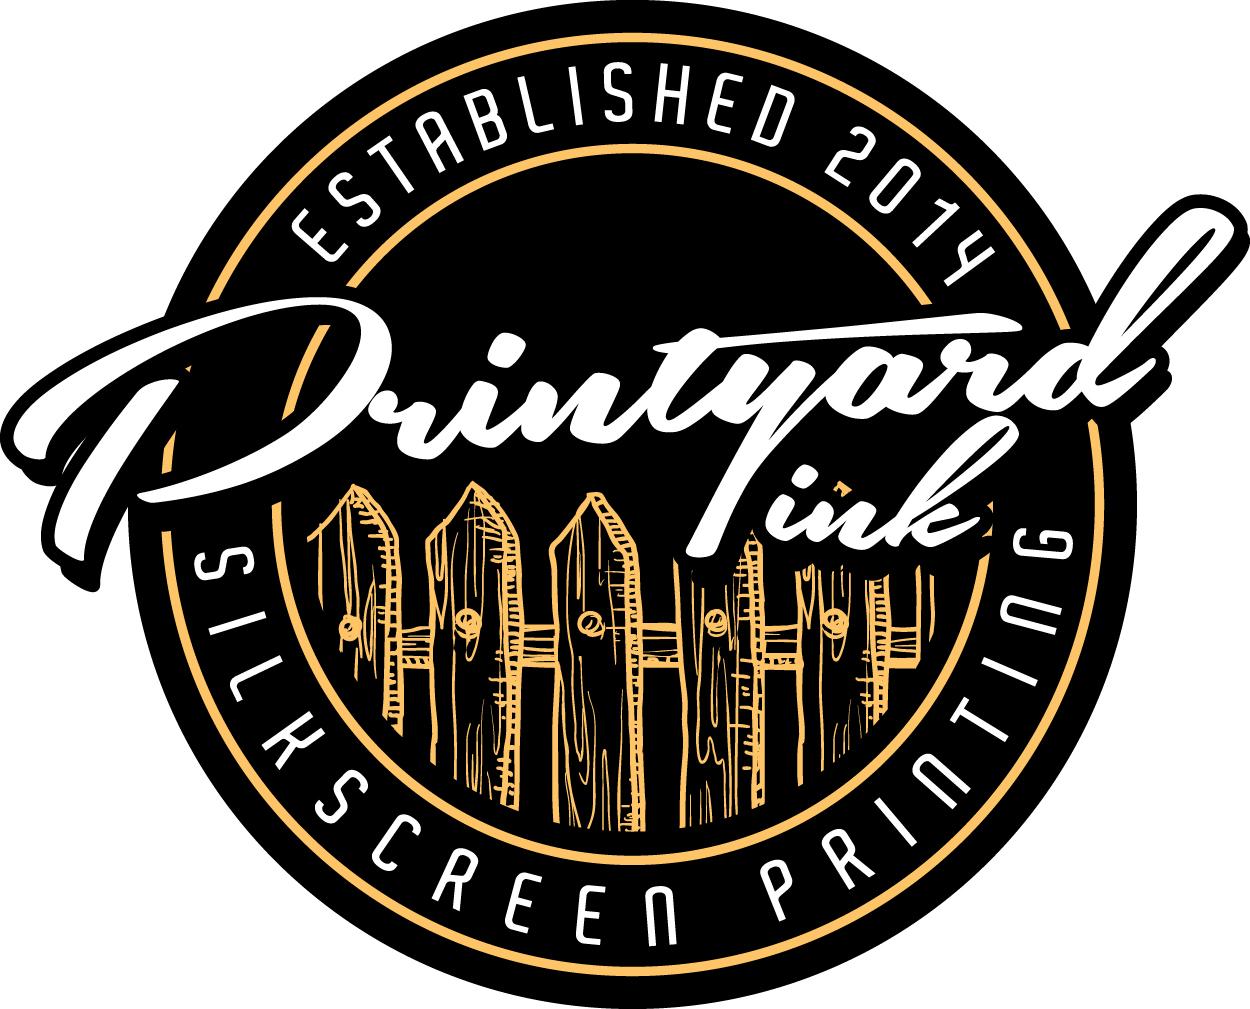 PrintyardInk image